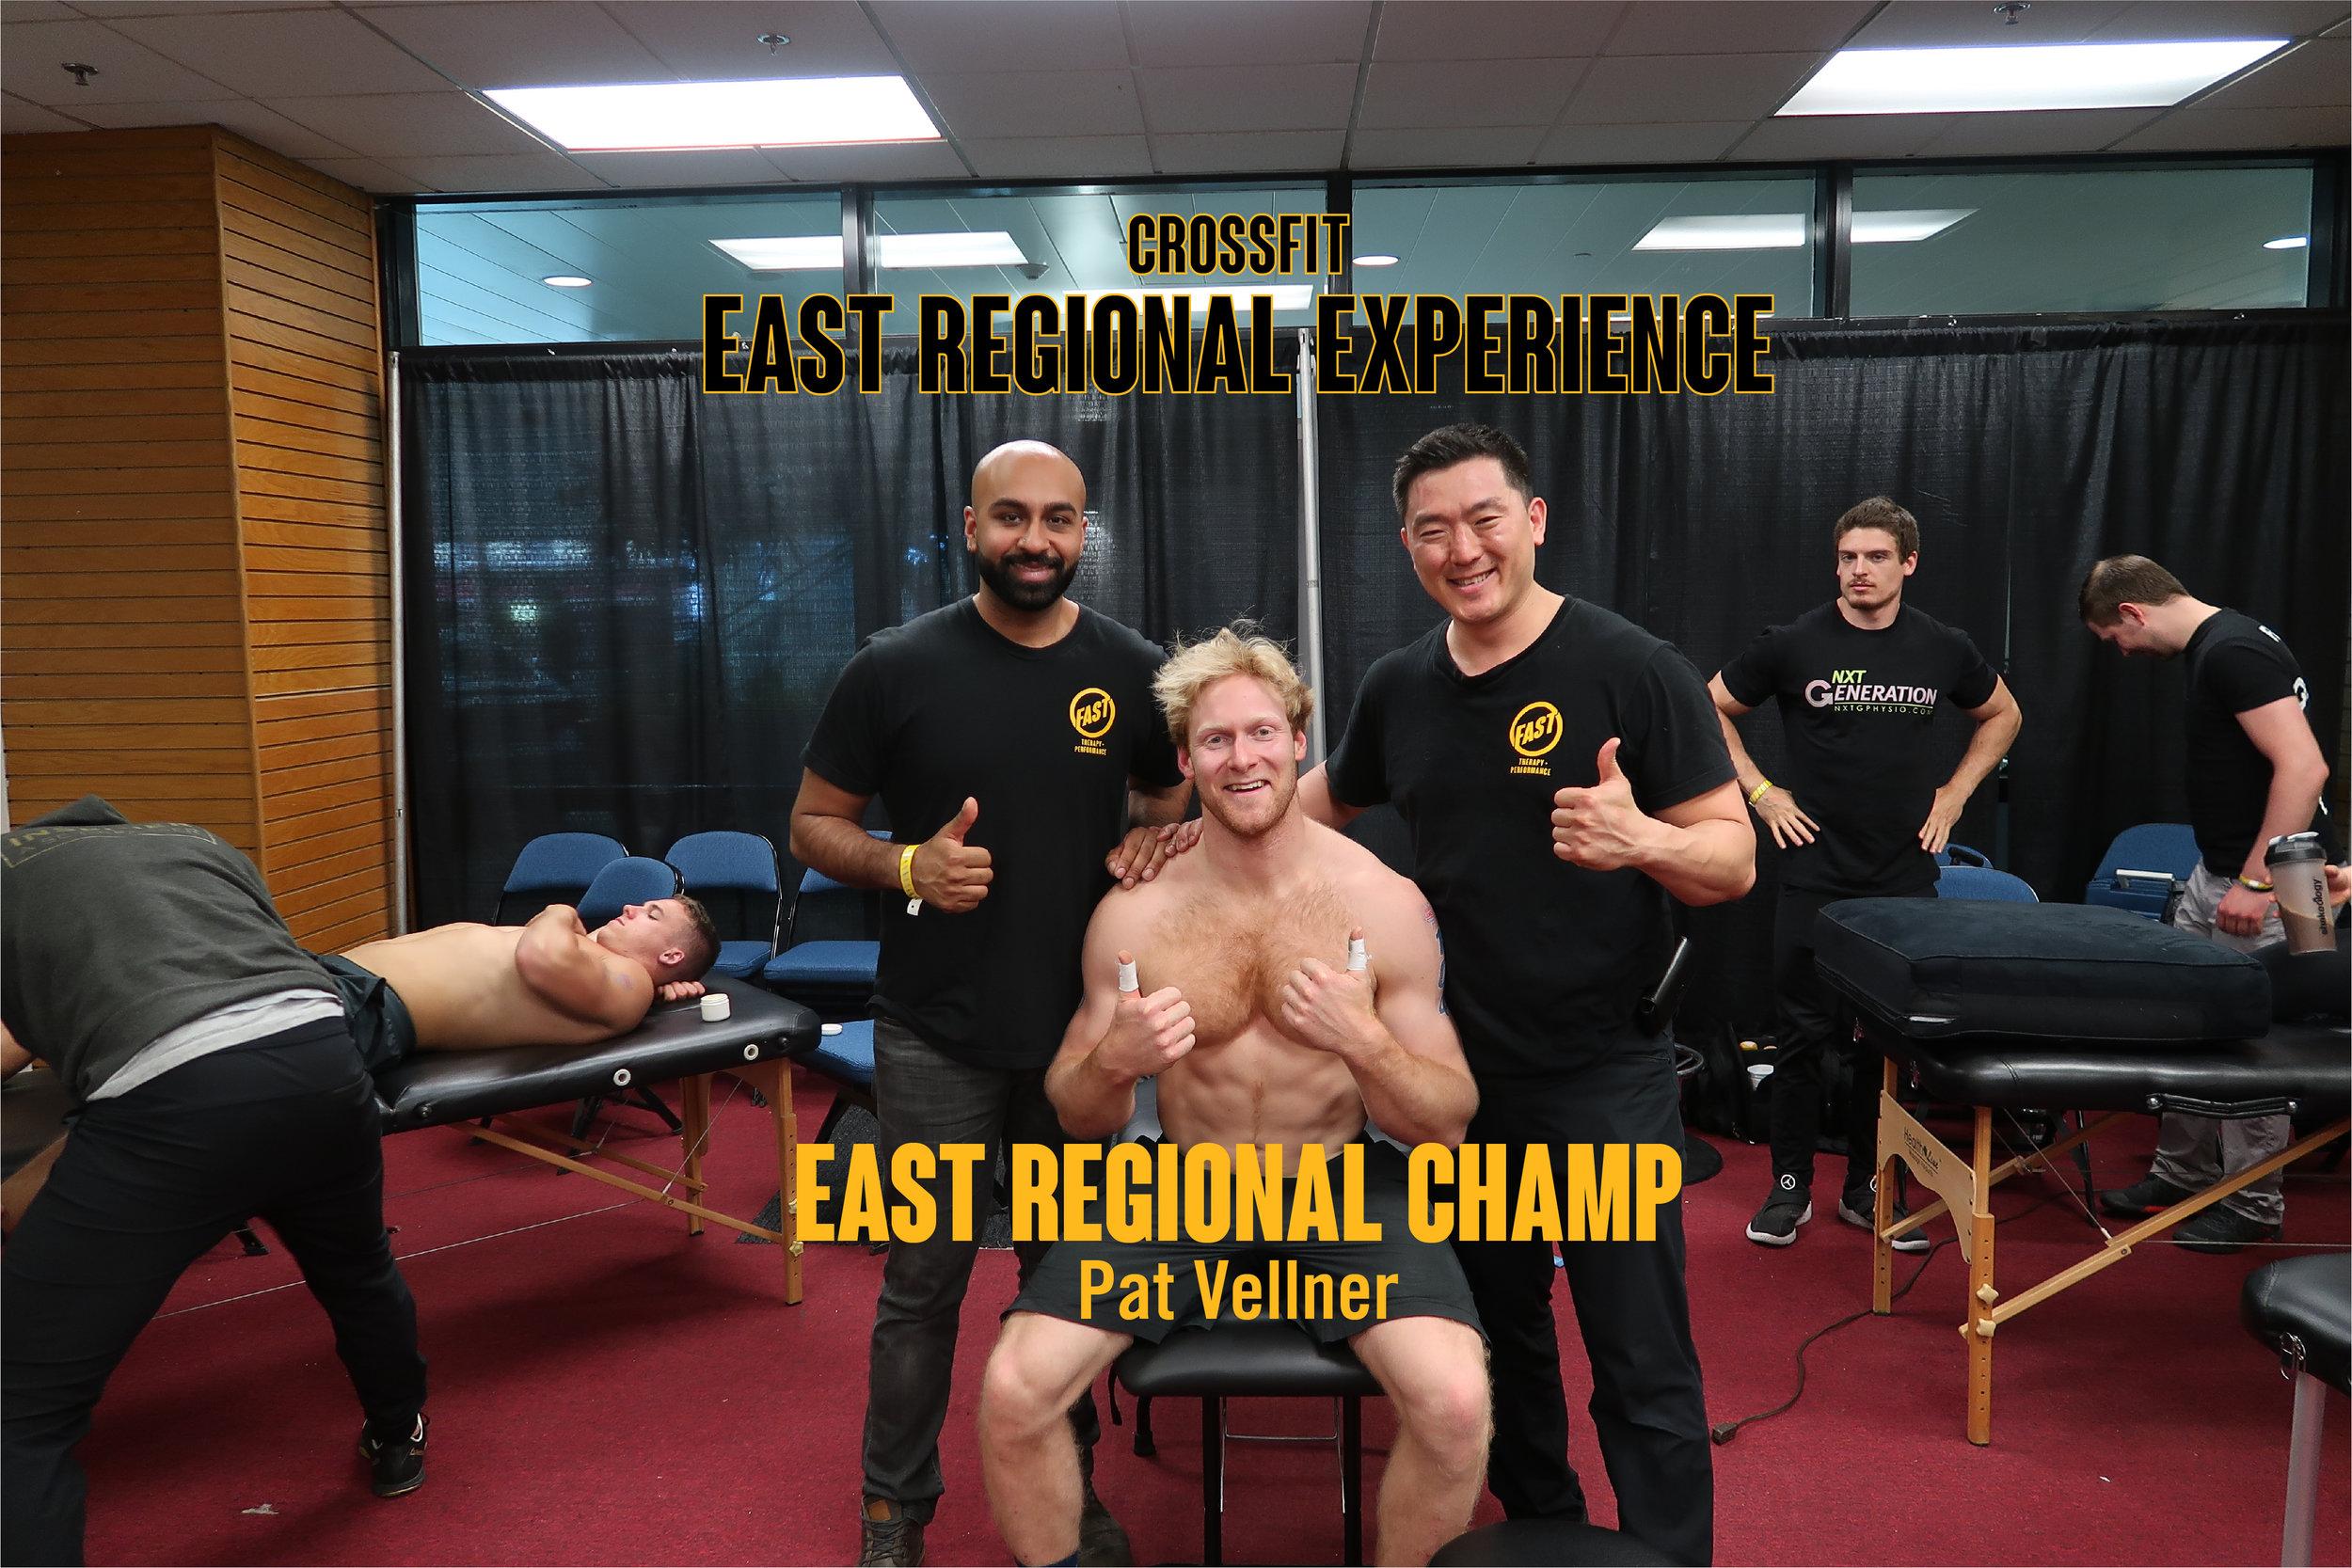 CrossFit East Regionals - Pat Vellner.jpg